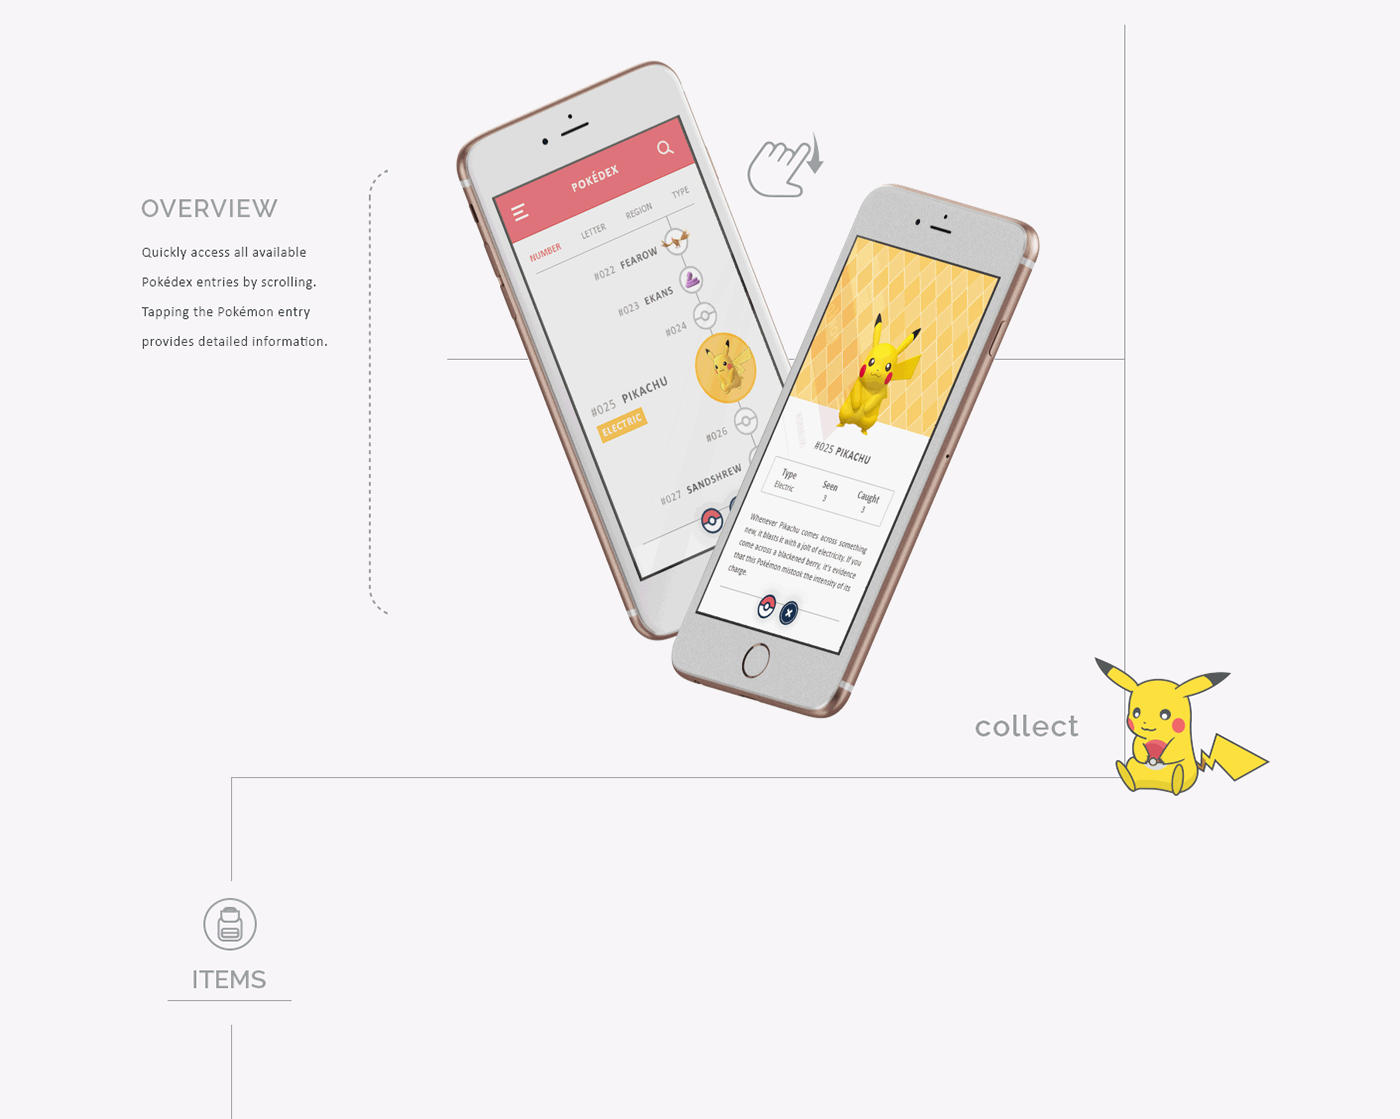 Pokemon pokemon go app UI ux mobile PokemonGO